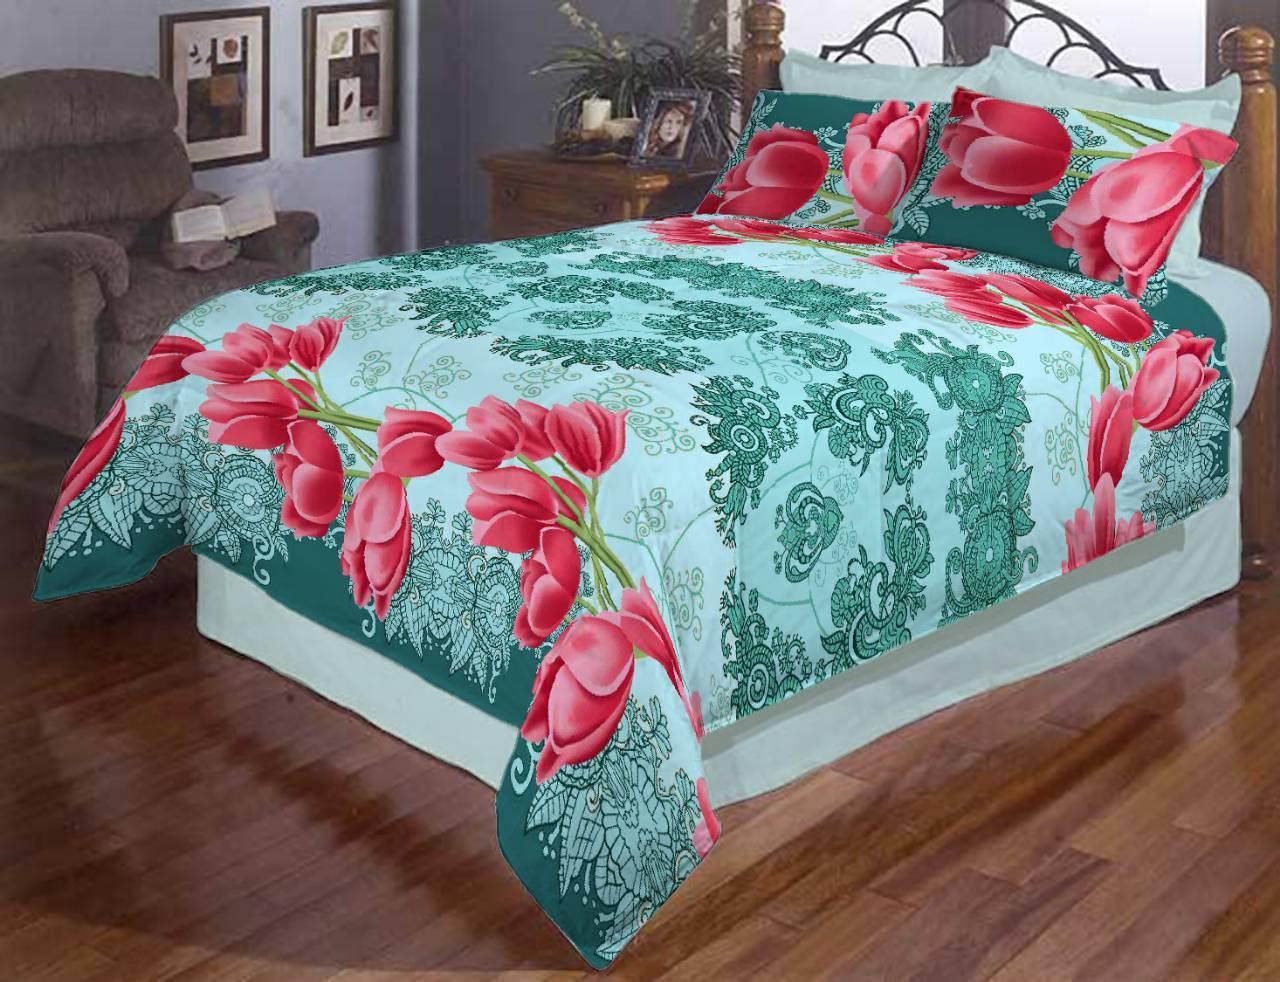 Комплект двуспального постельного белья Тюльпаны на бирюзовом